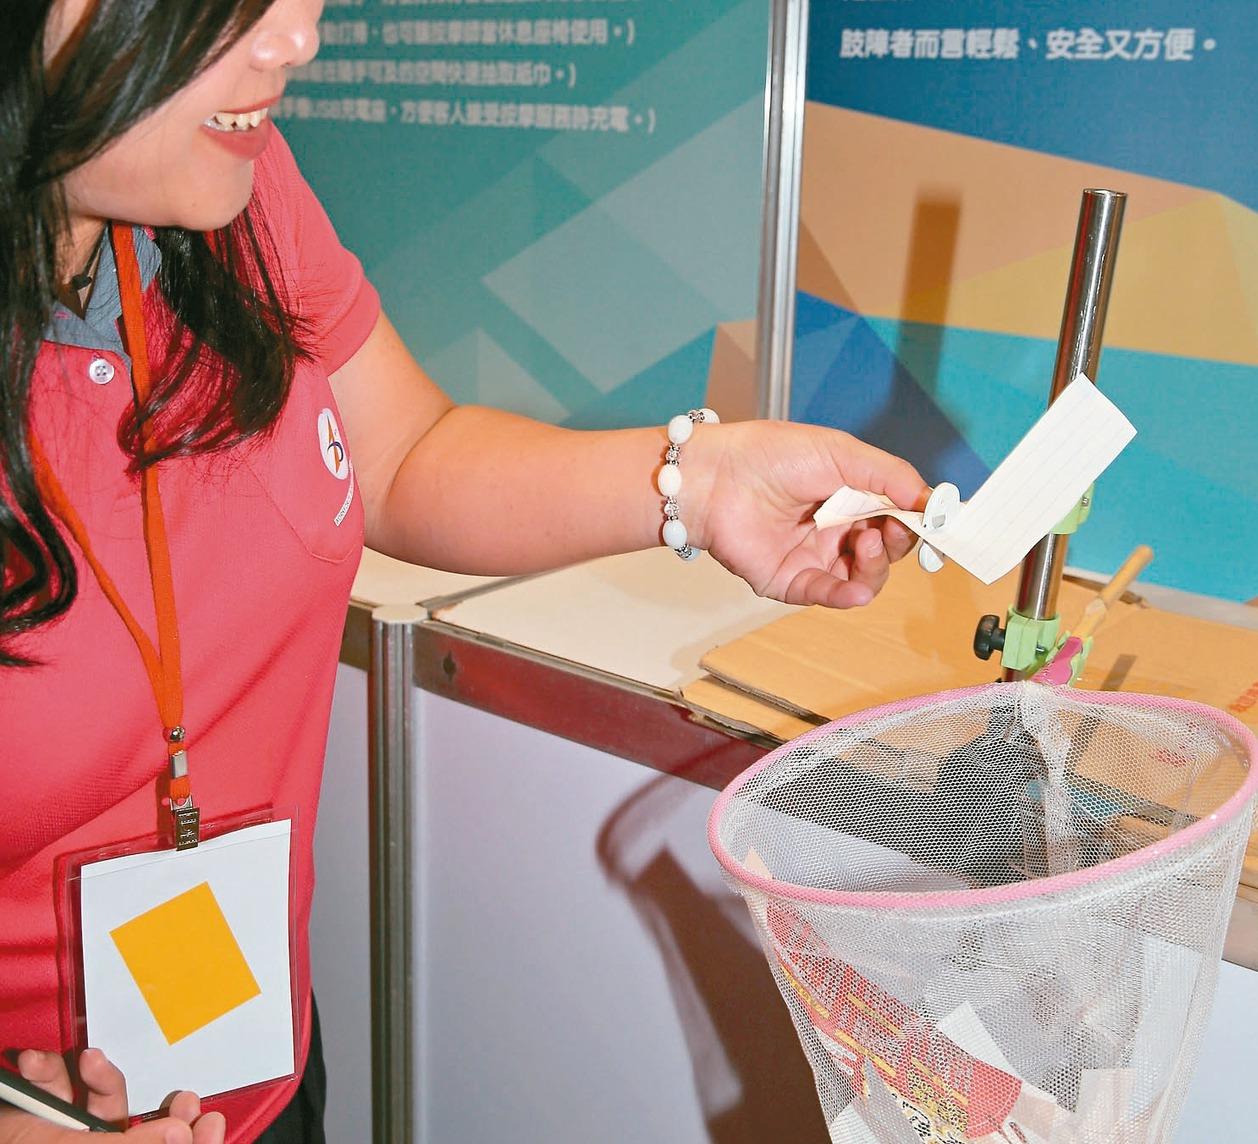 動作障礙設計組第一名「一手包剪」,可剪出任何形狀剪紙。 記者侯永全/攝影